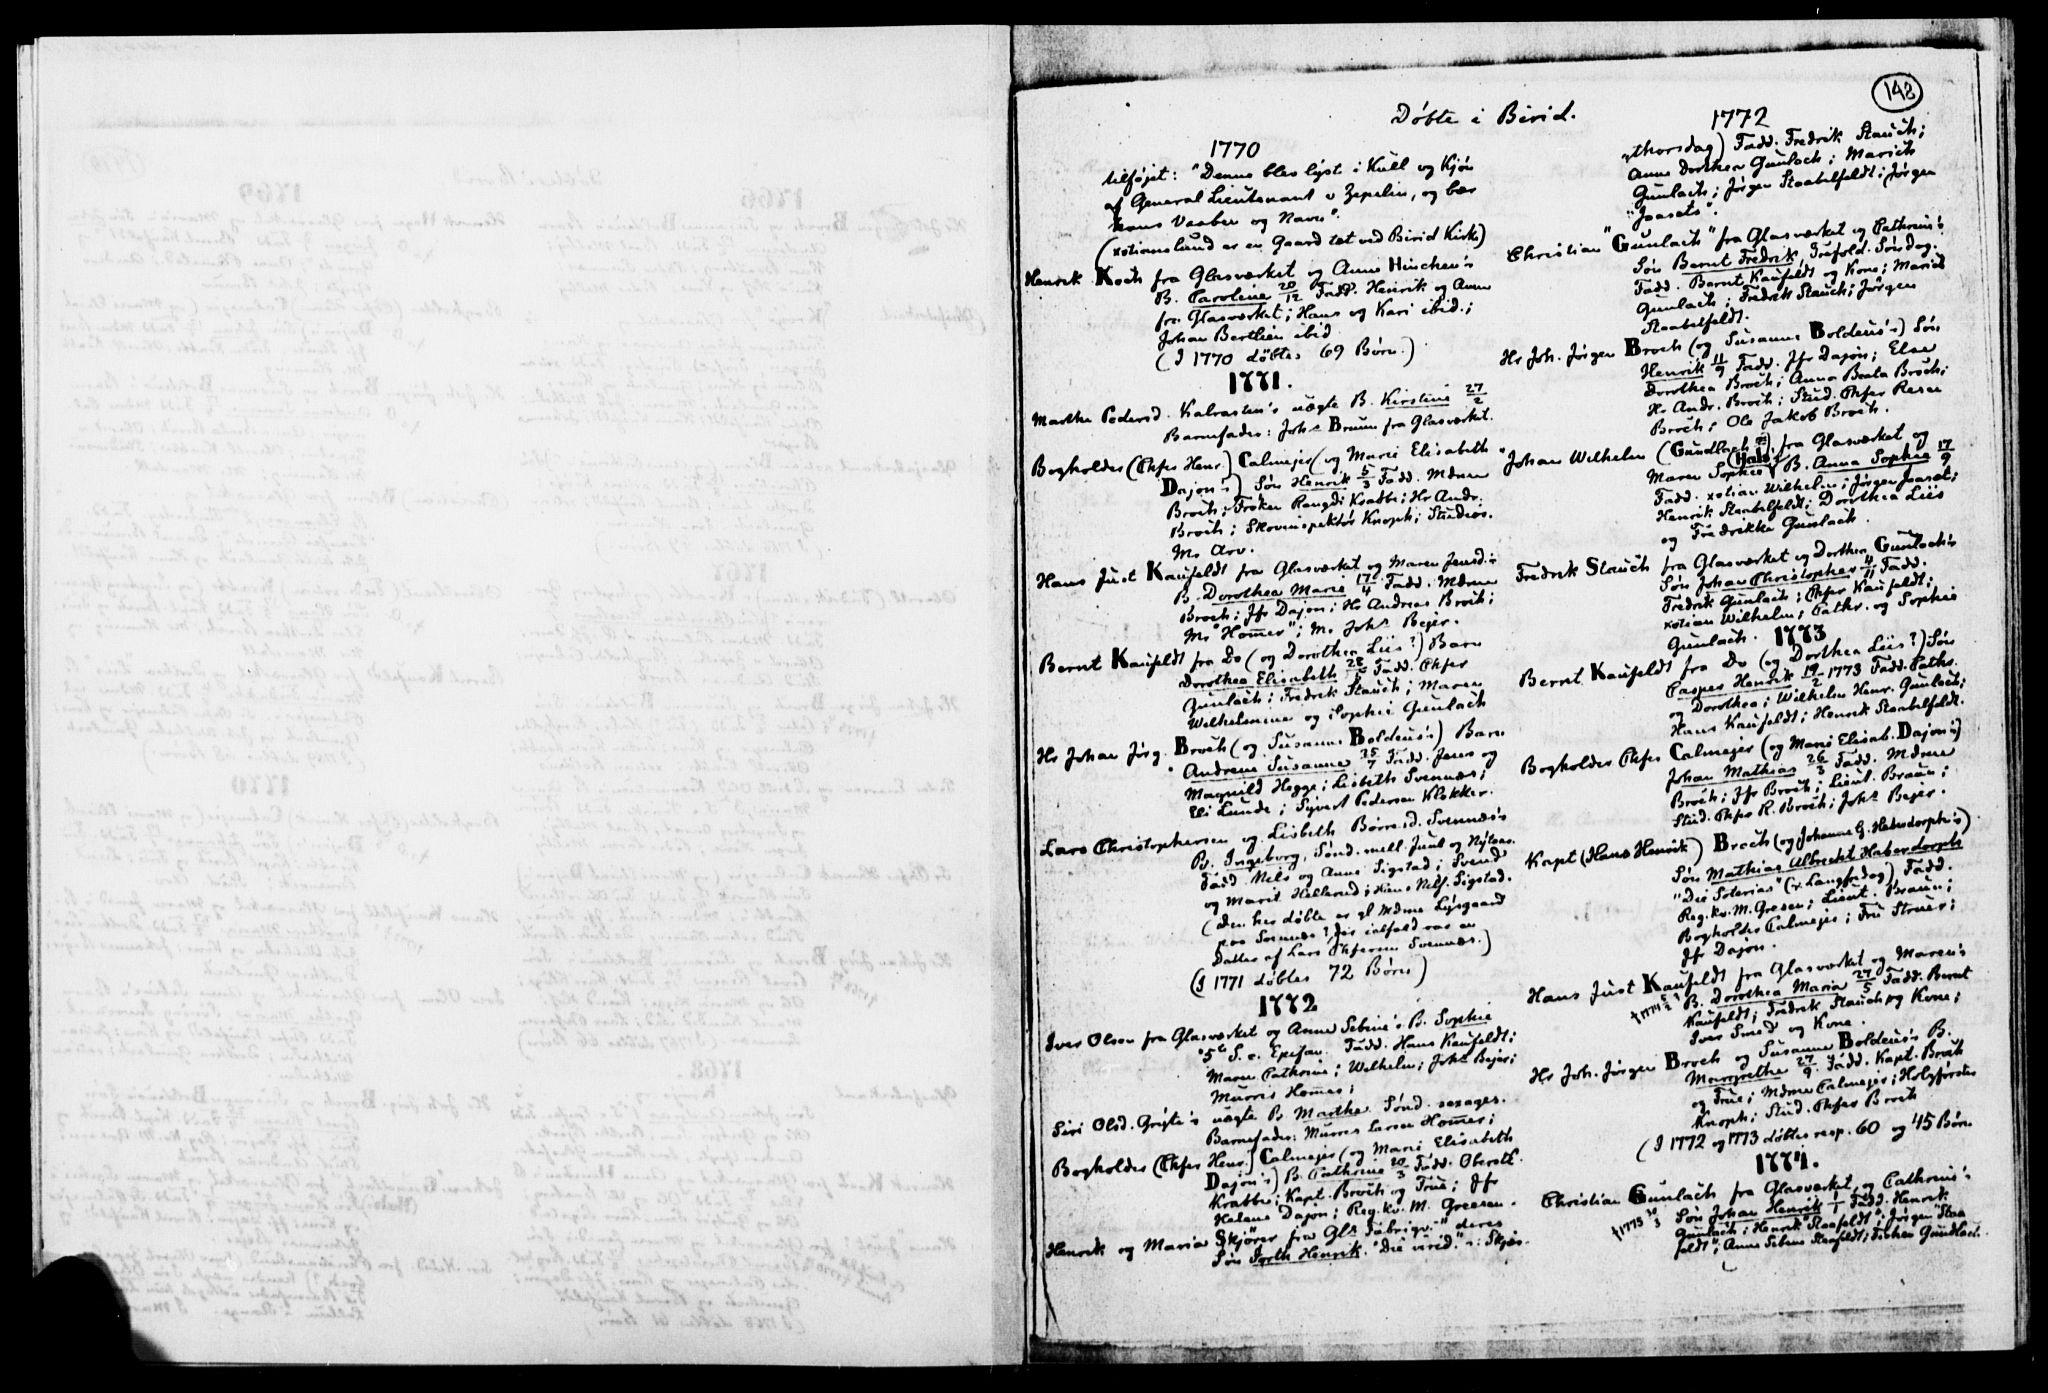 SAH, Biri prestekontor, Ministerialbok, 1730-1879, s. 148